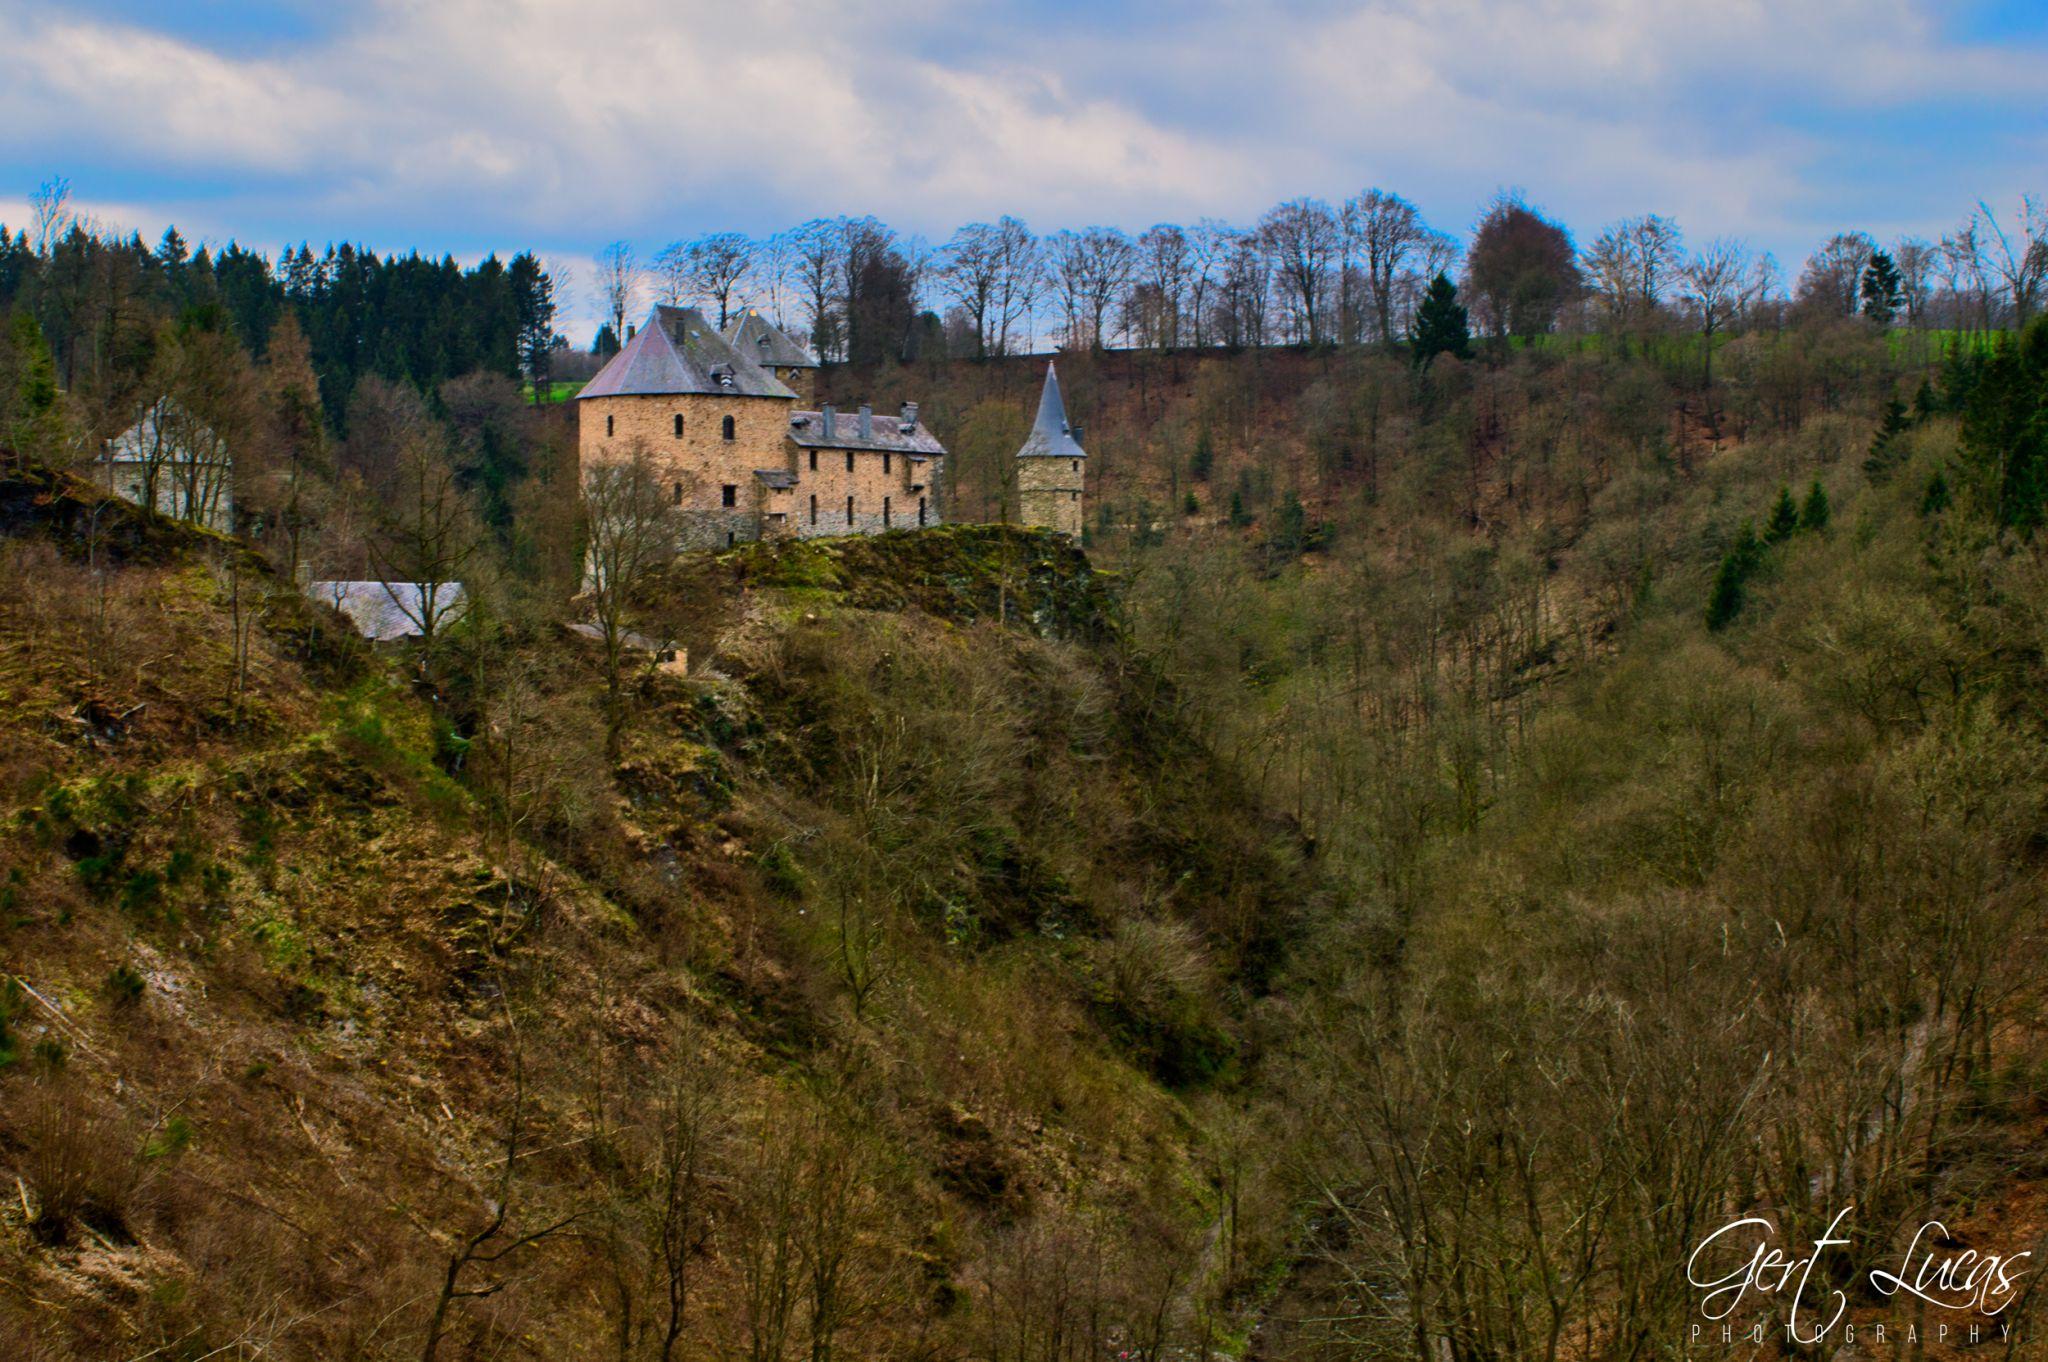 Reinhardstein, Belgium